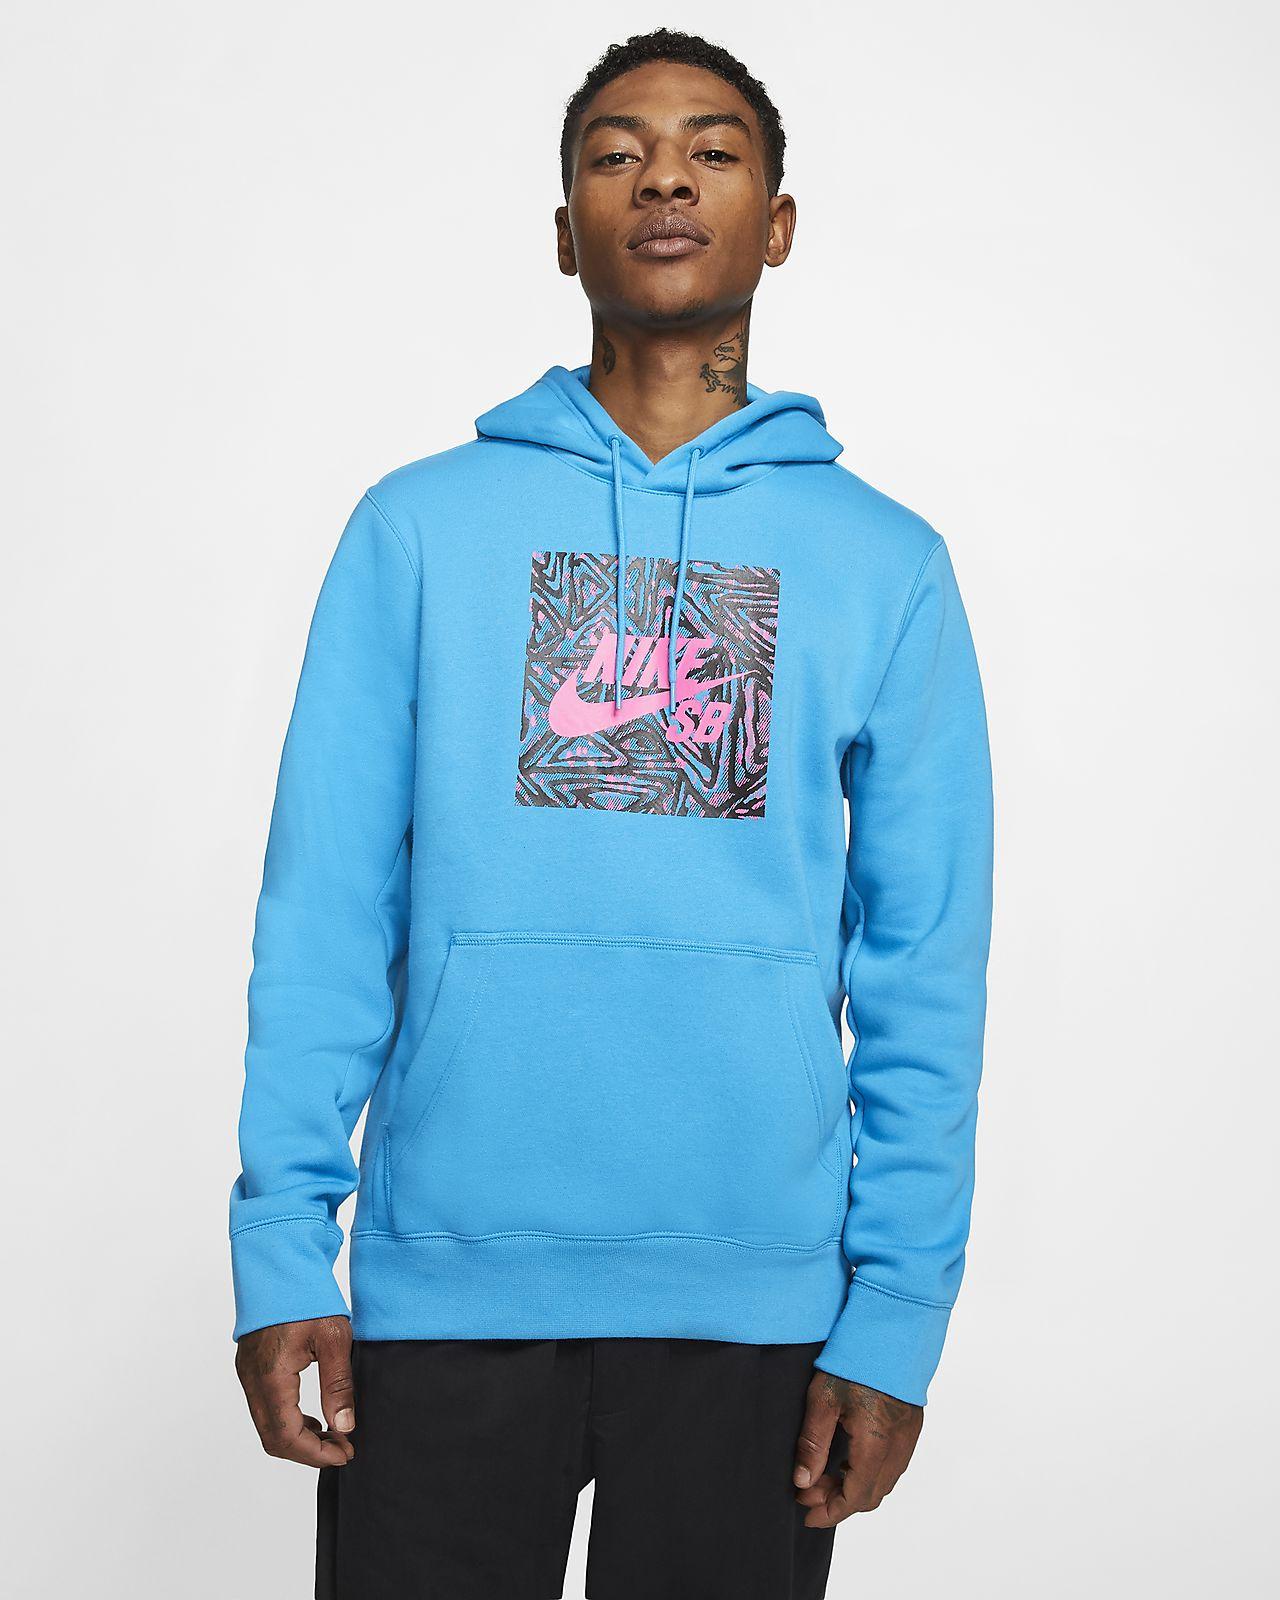 Nike SB Grafikli Kapüşonlu Erkek Kaykay Üstü